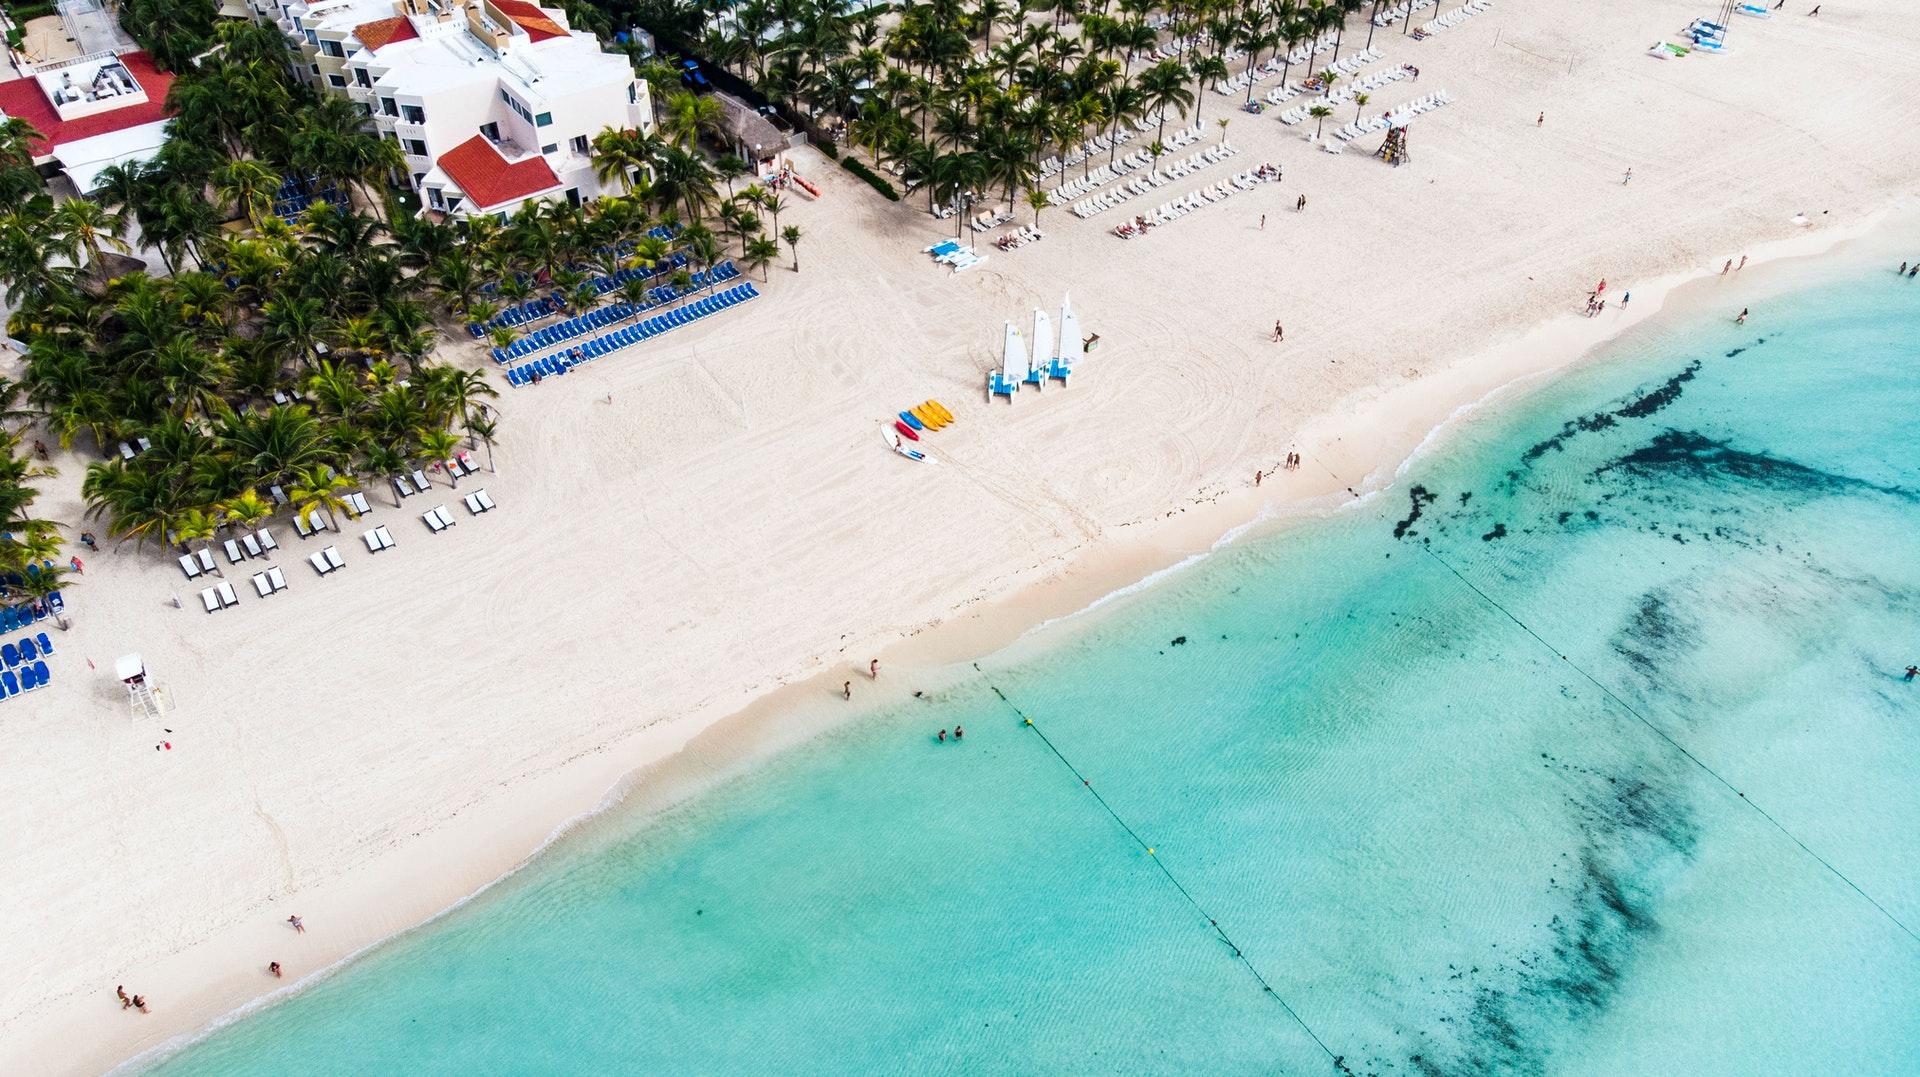 Aerial view of Playa del Carmen.